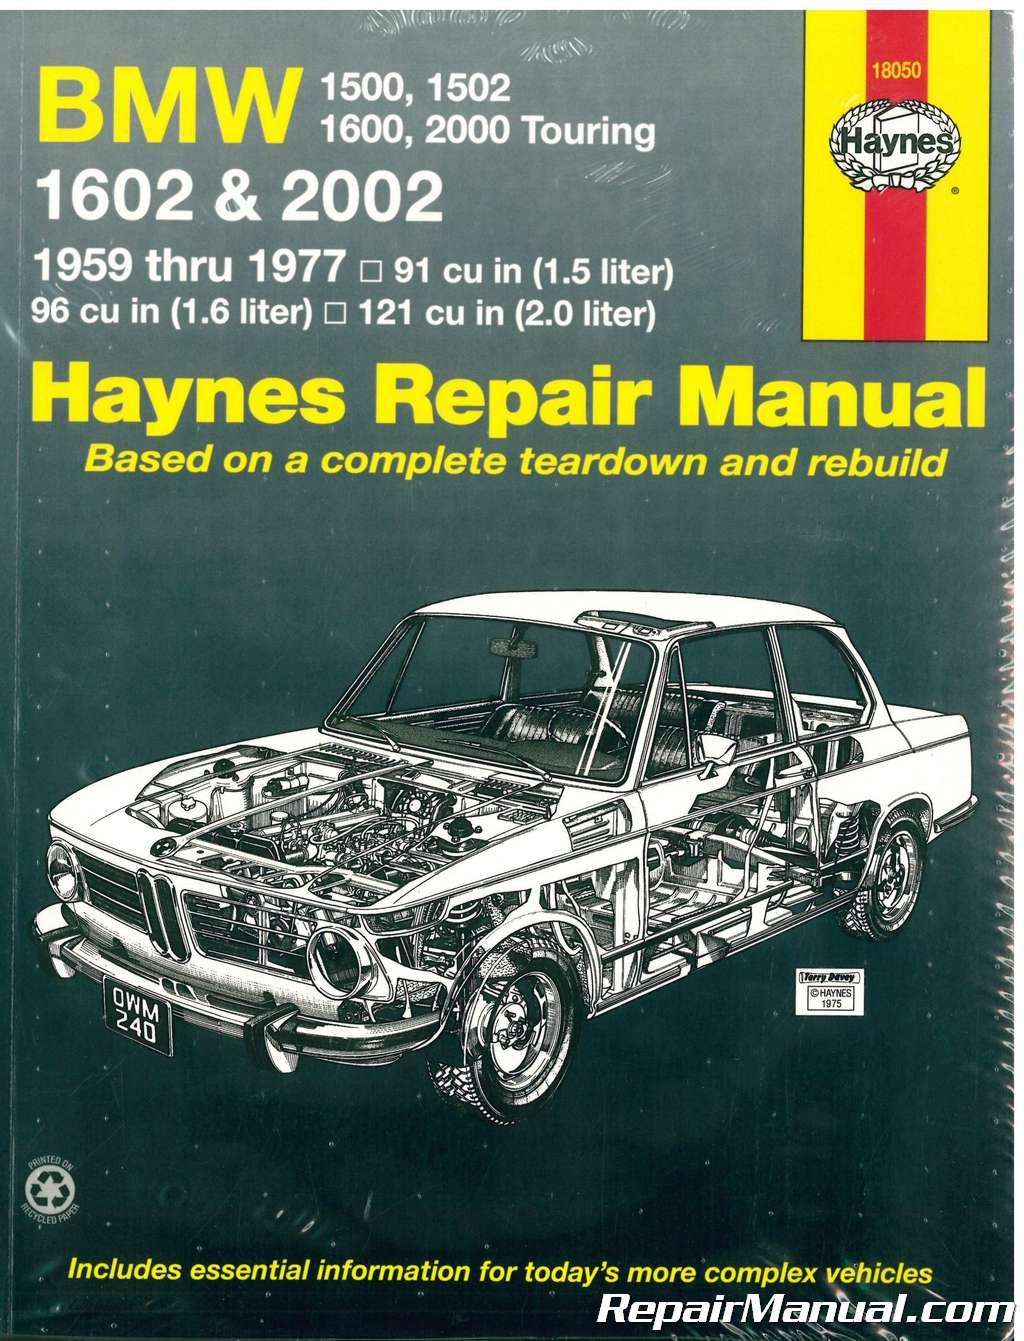 haynes bmw 1500 1600 2002 1959 1977 auto repair manual rh repairmanual com bmw 2002 workshop manual bmw 2002 repair manual pdf